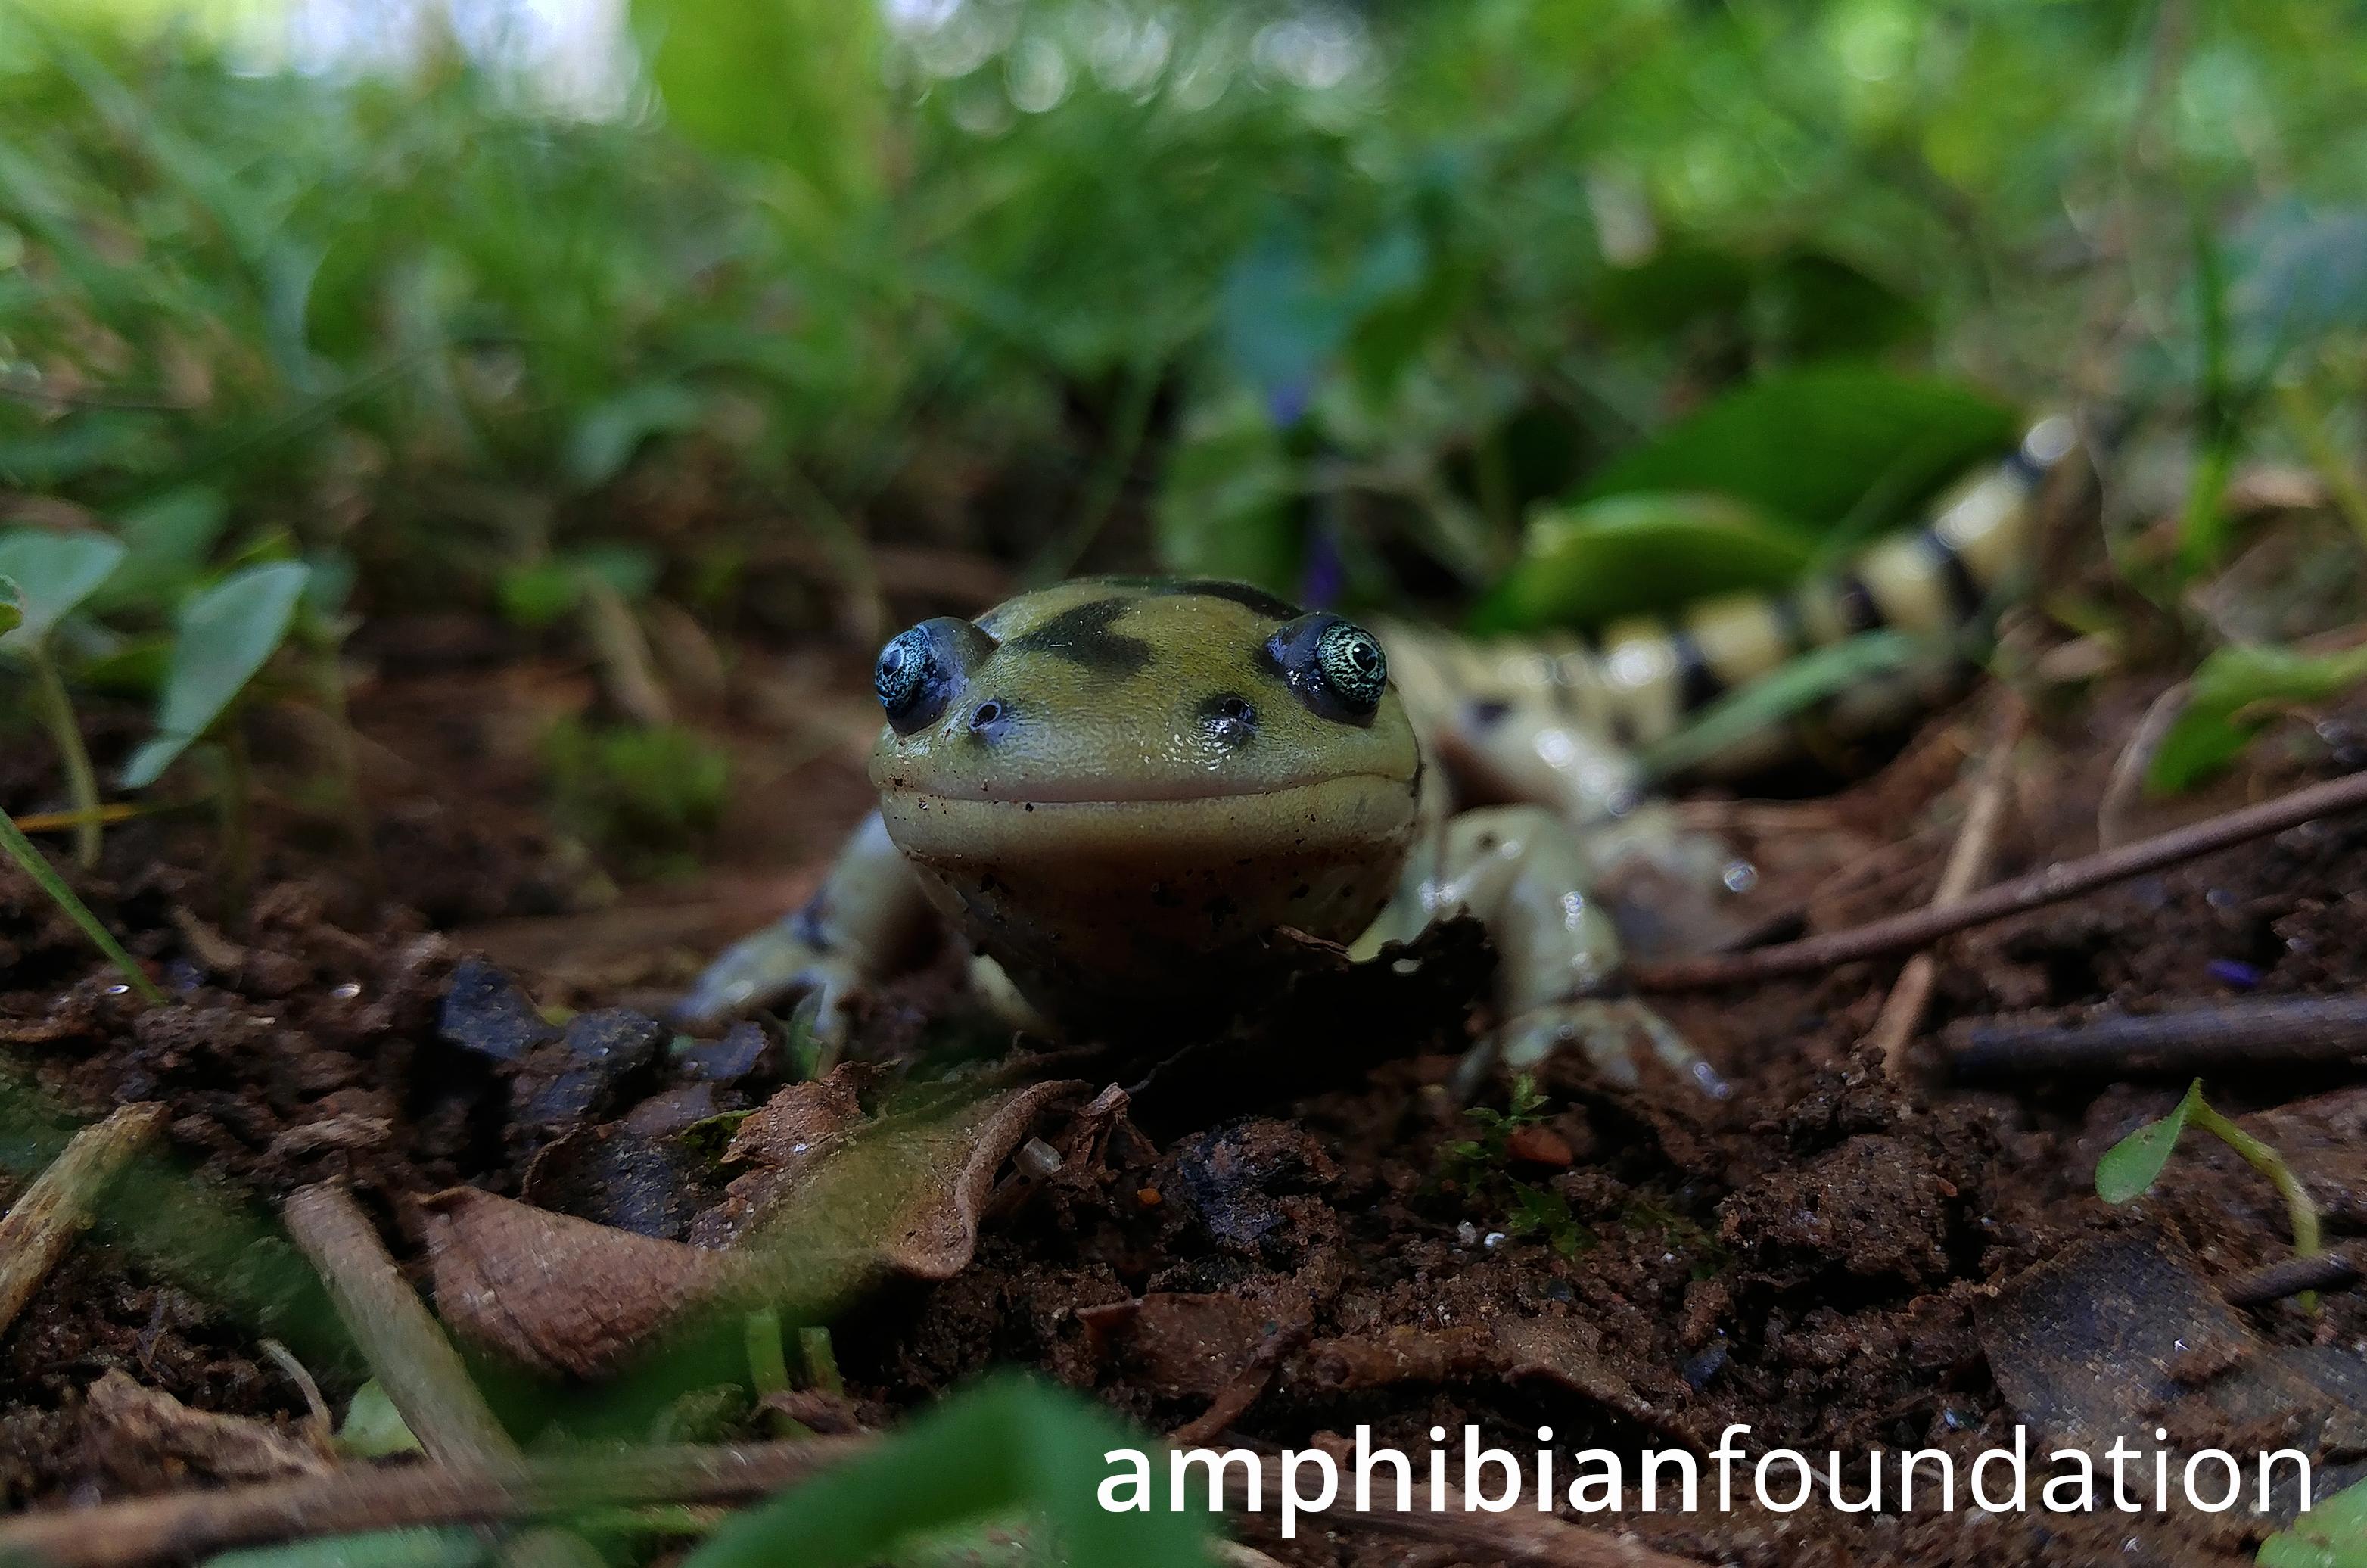 https://www.amphibians.org/wp-content/uploads/2019/05/AF-180330-Ambystoma-tigrinum.png